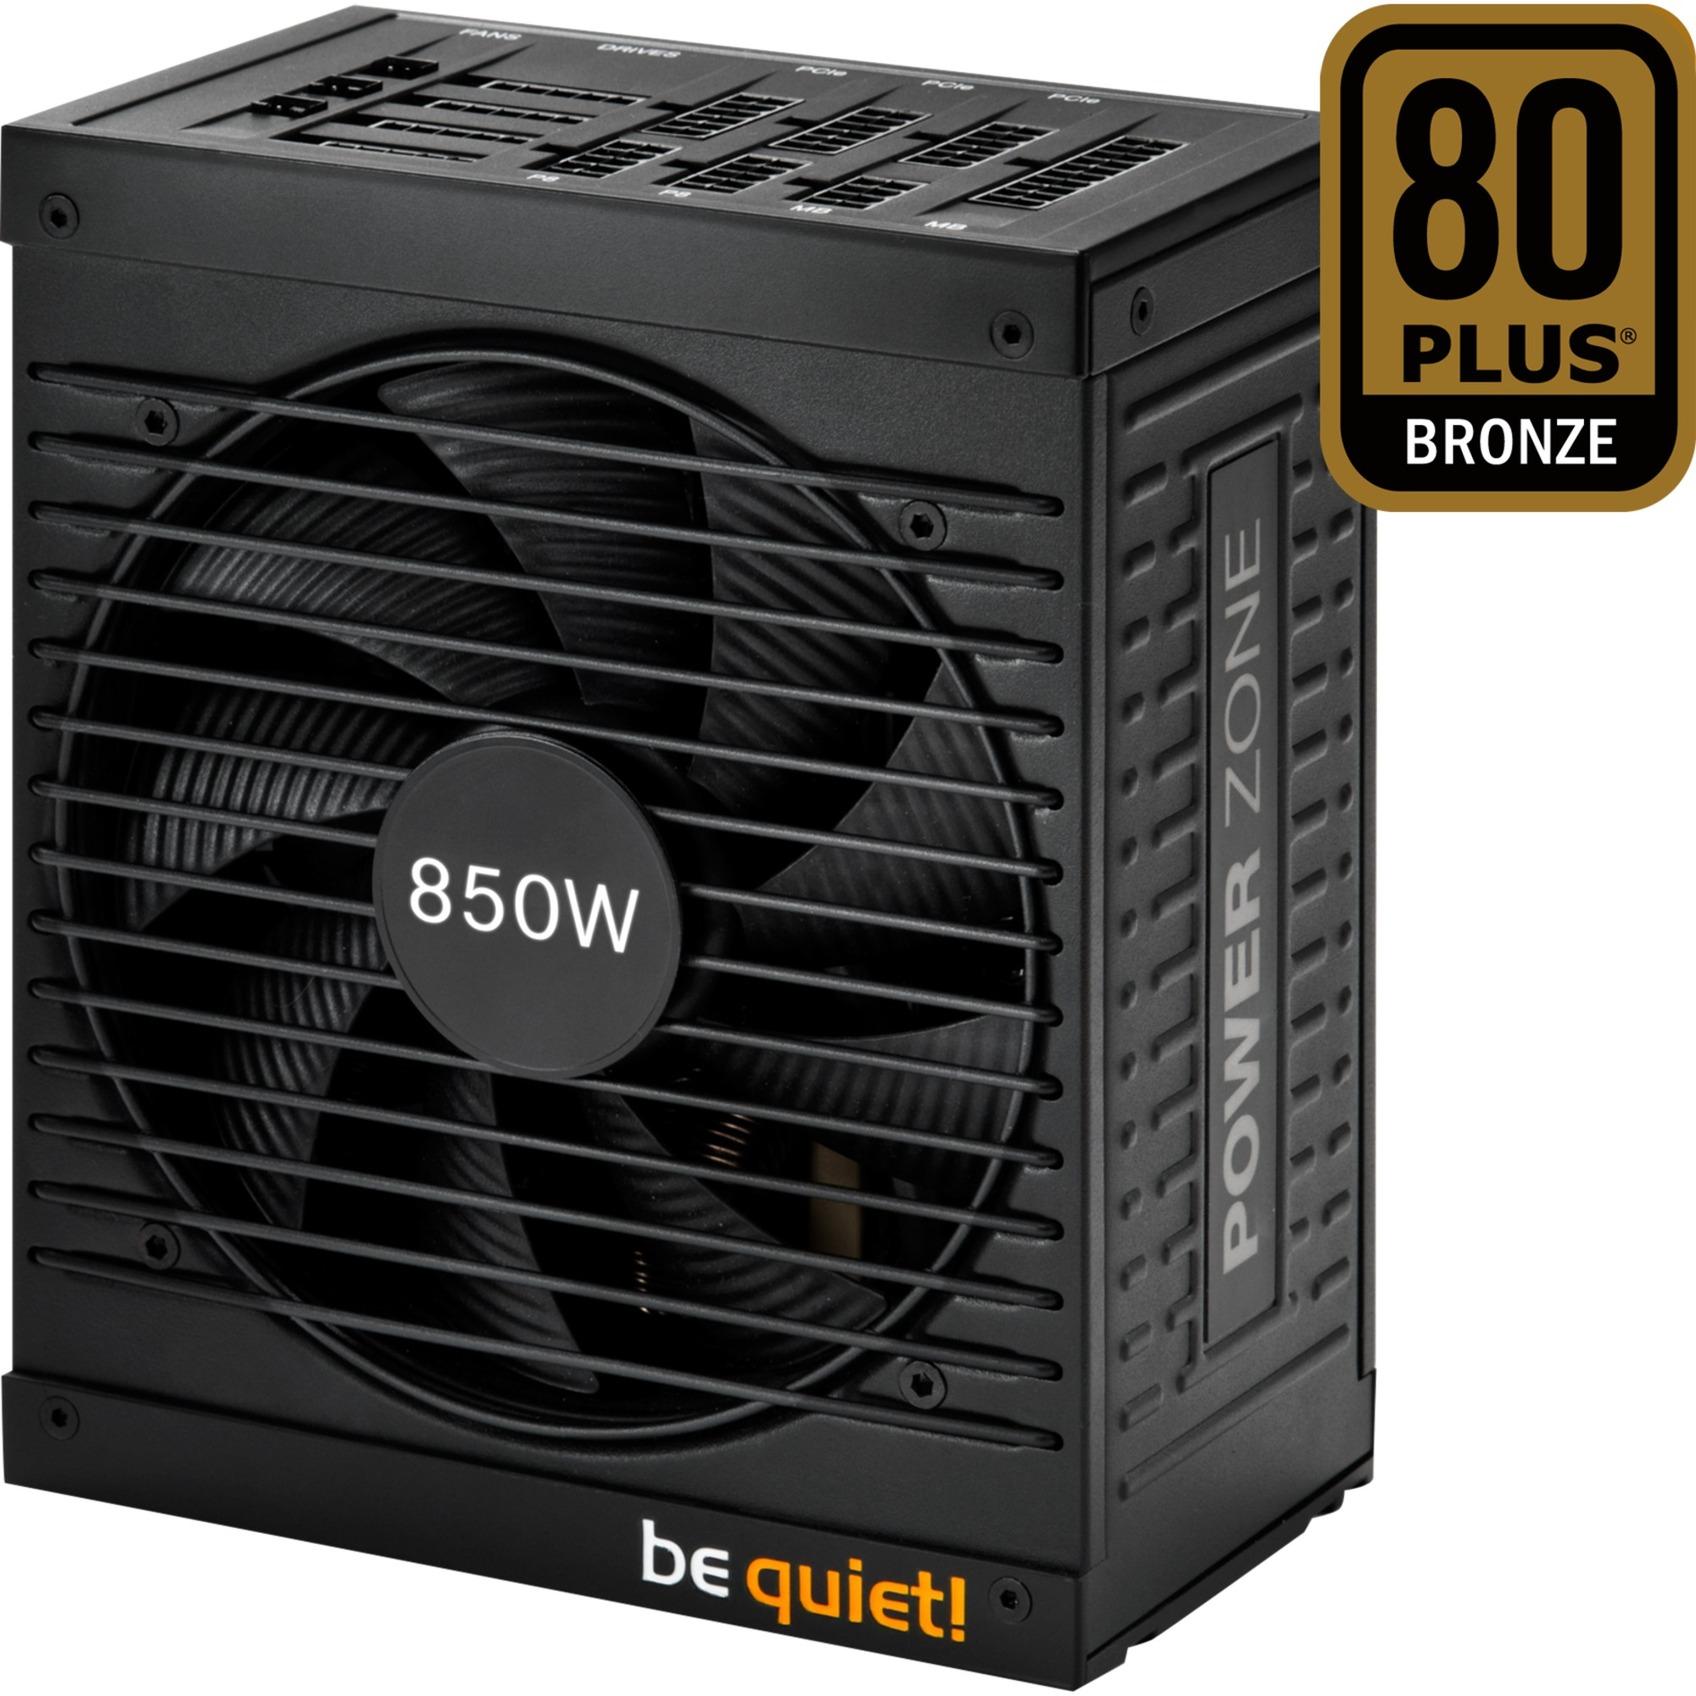 850W Power Zone